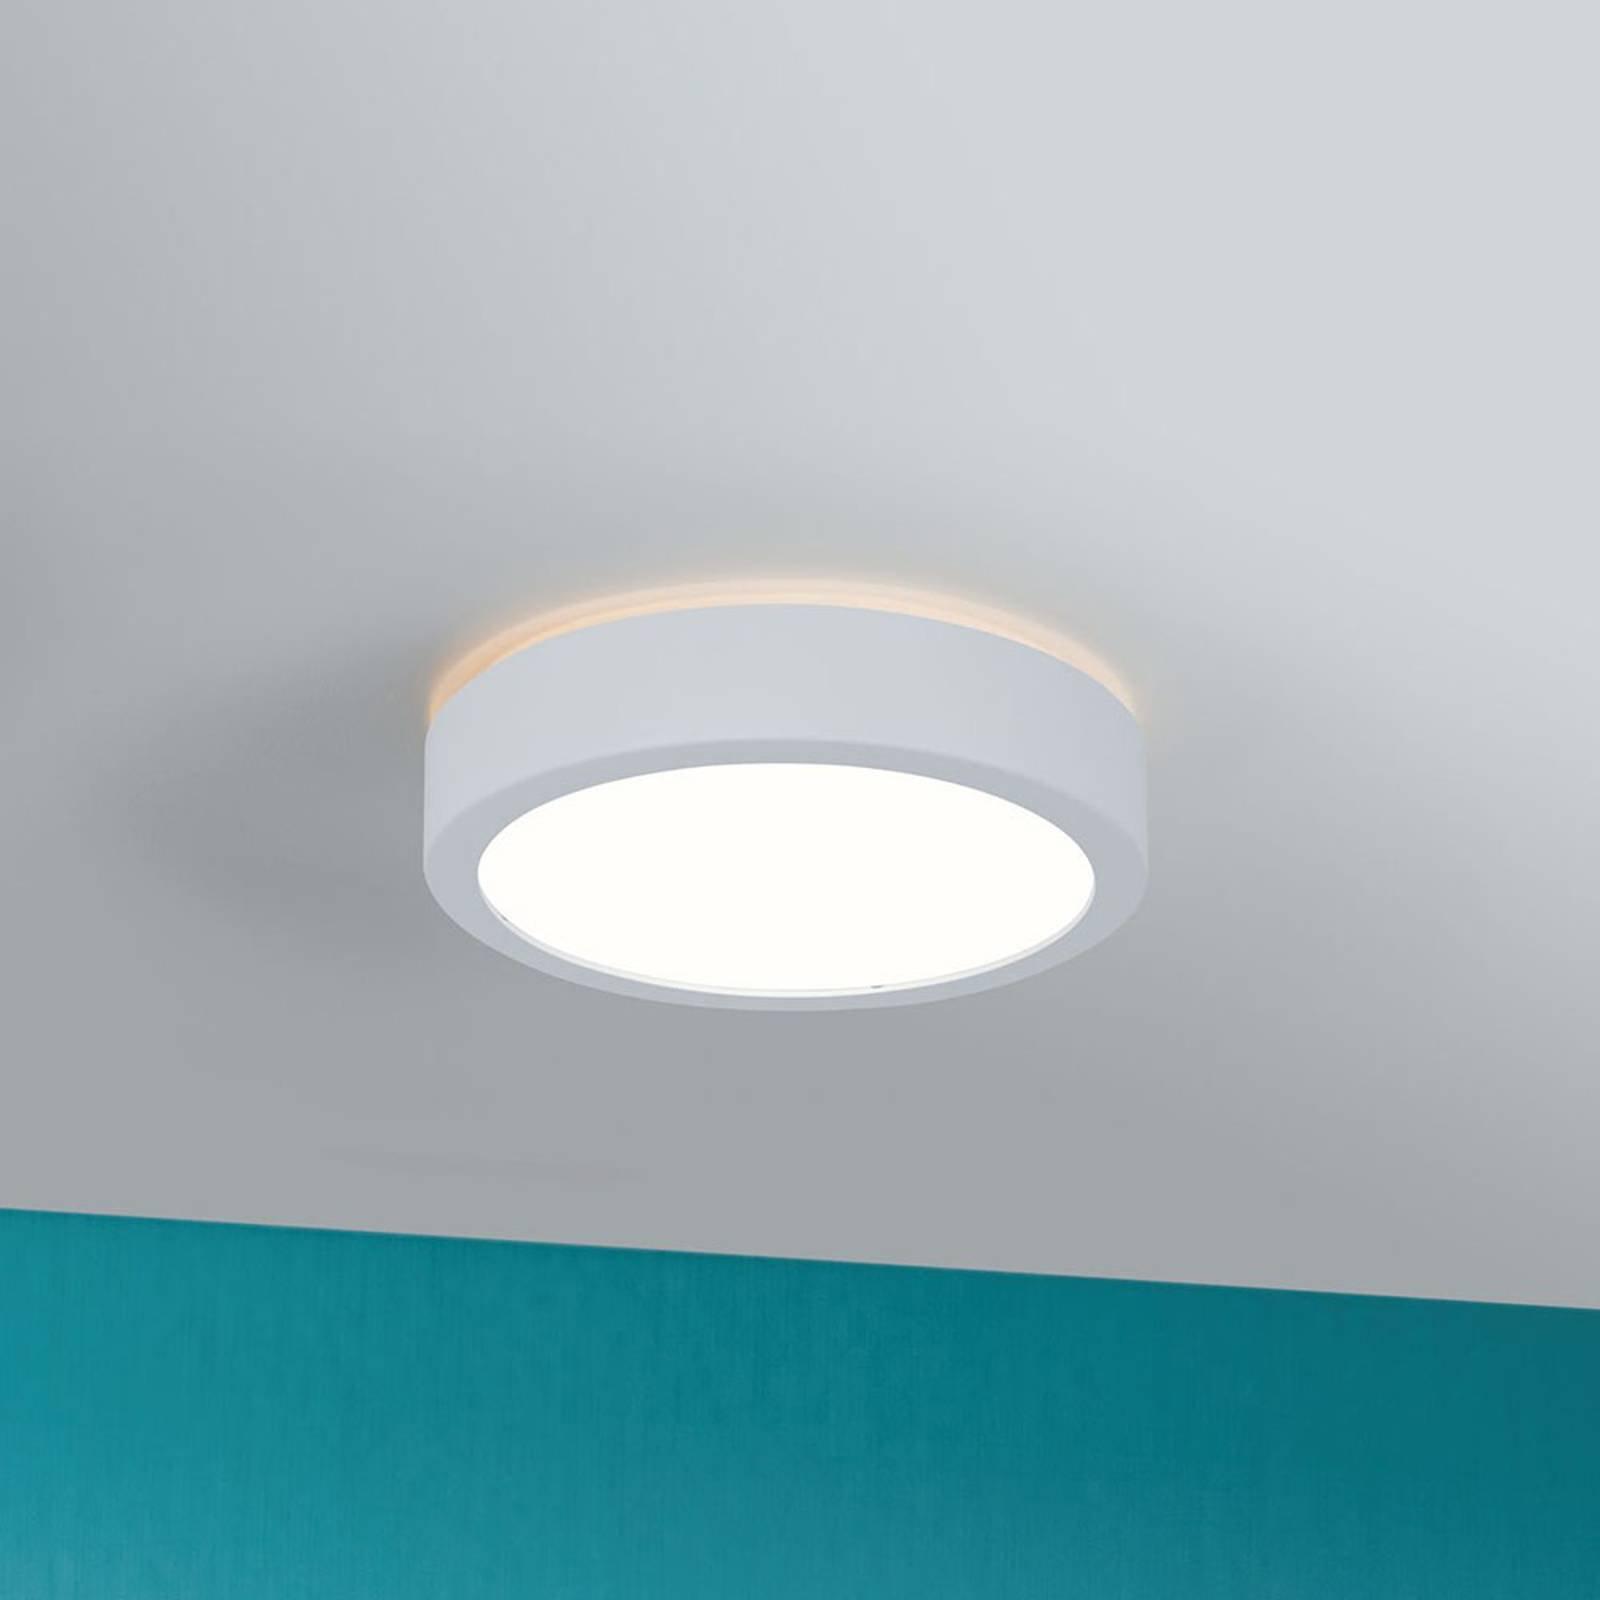 Paulmann Aviar LED-taklampe Ø 22 cm hvit 4 000 K